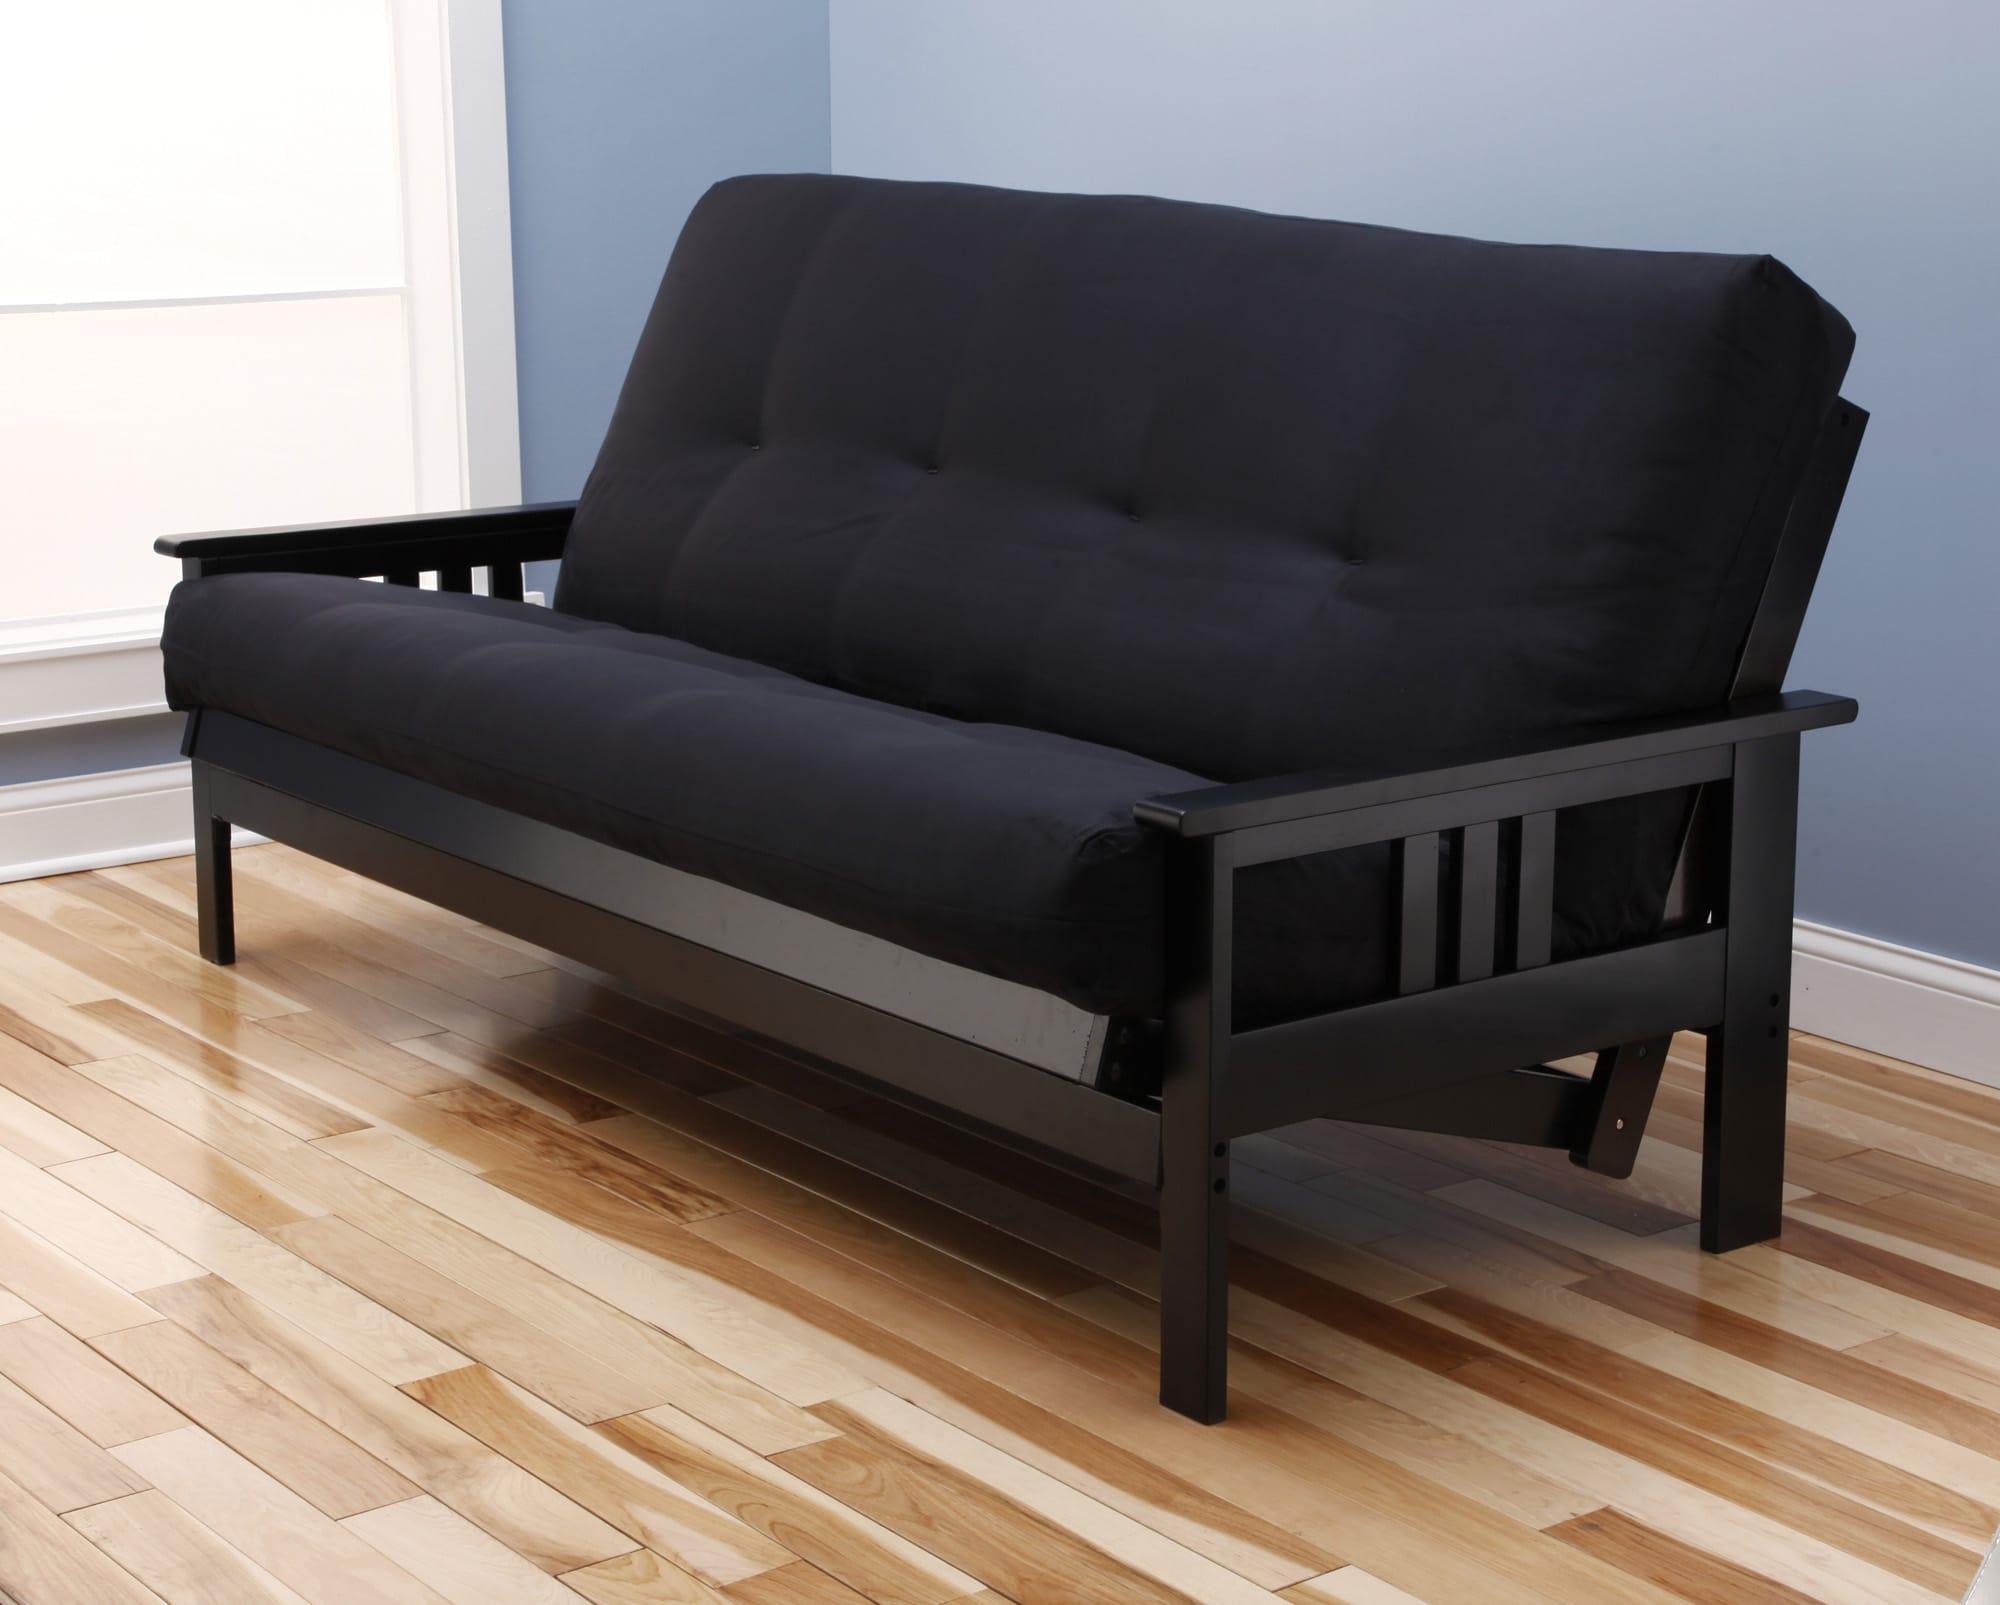 Monterey Full Futon Set Black By Kodiak